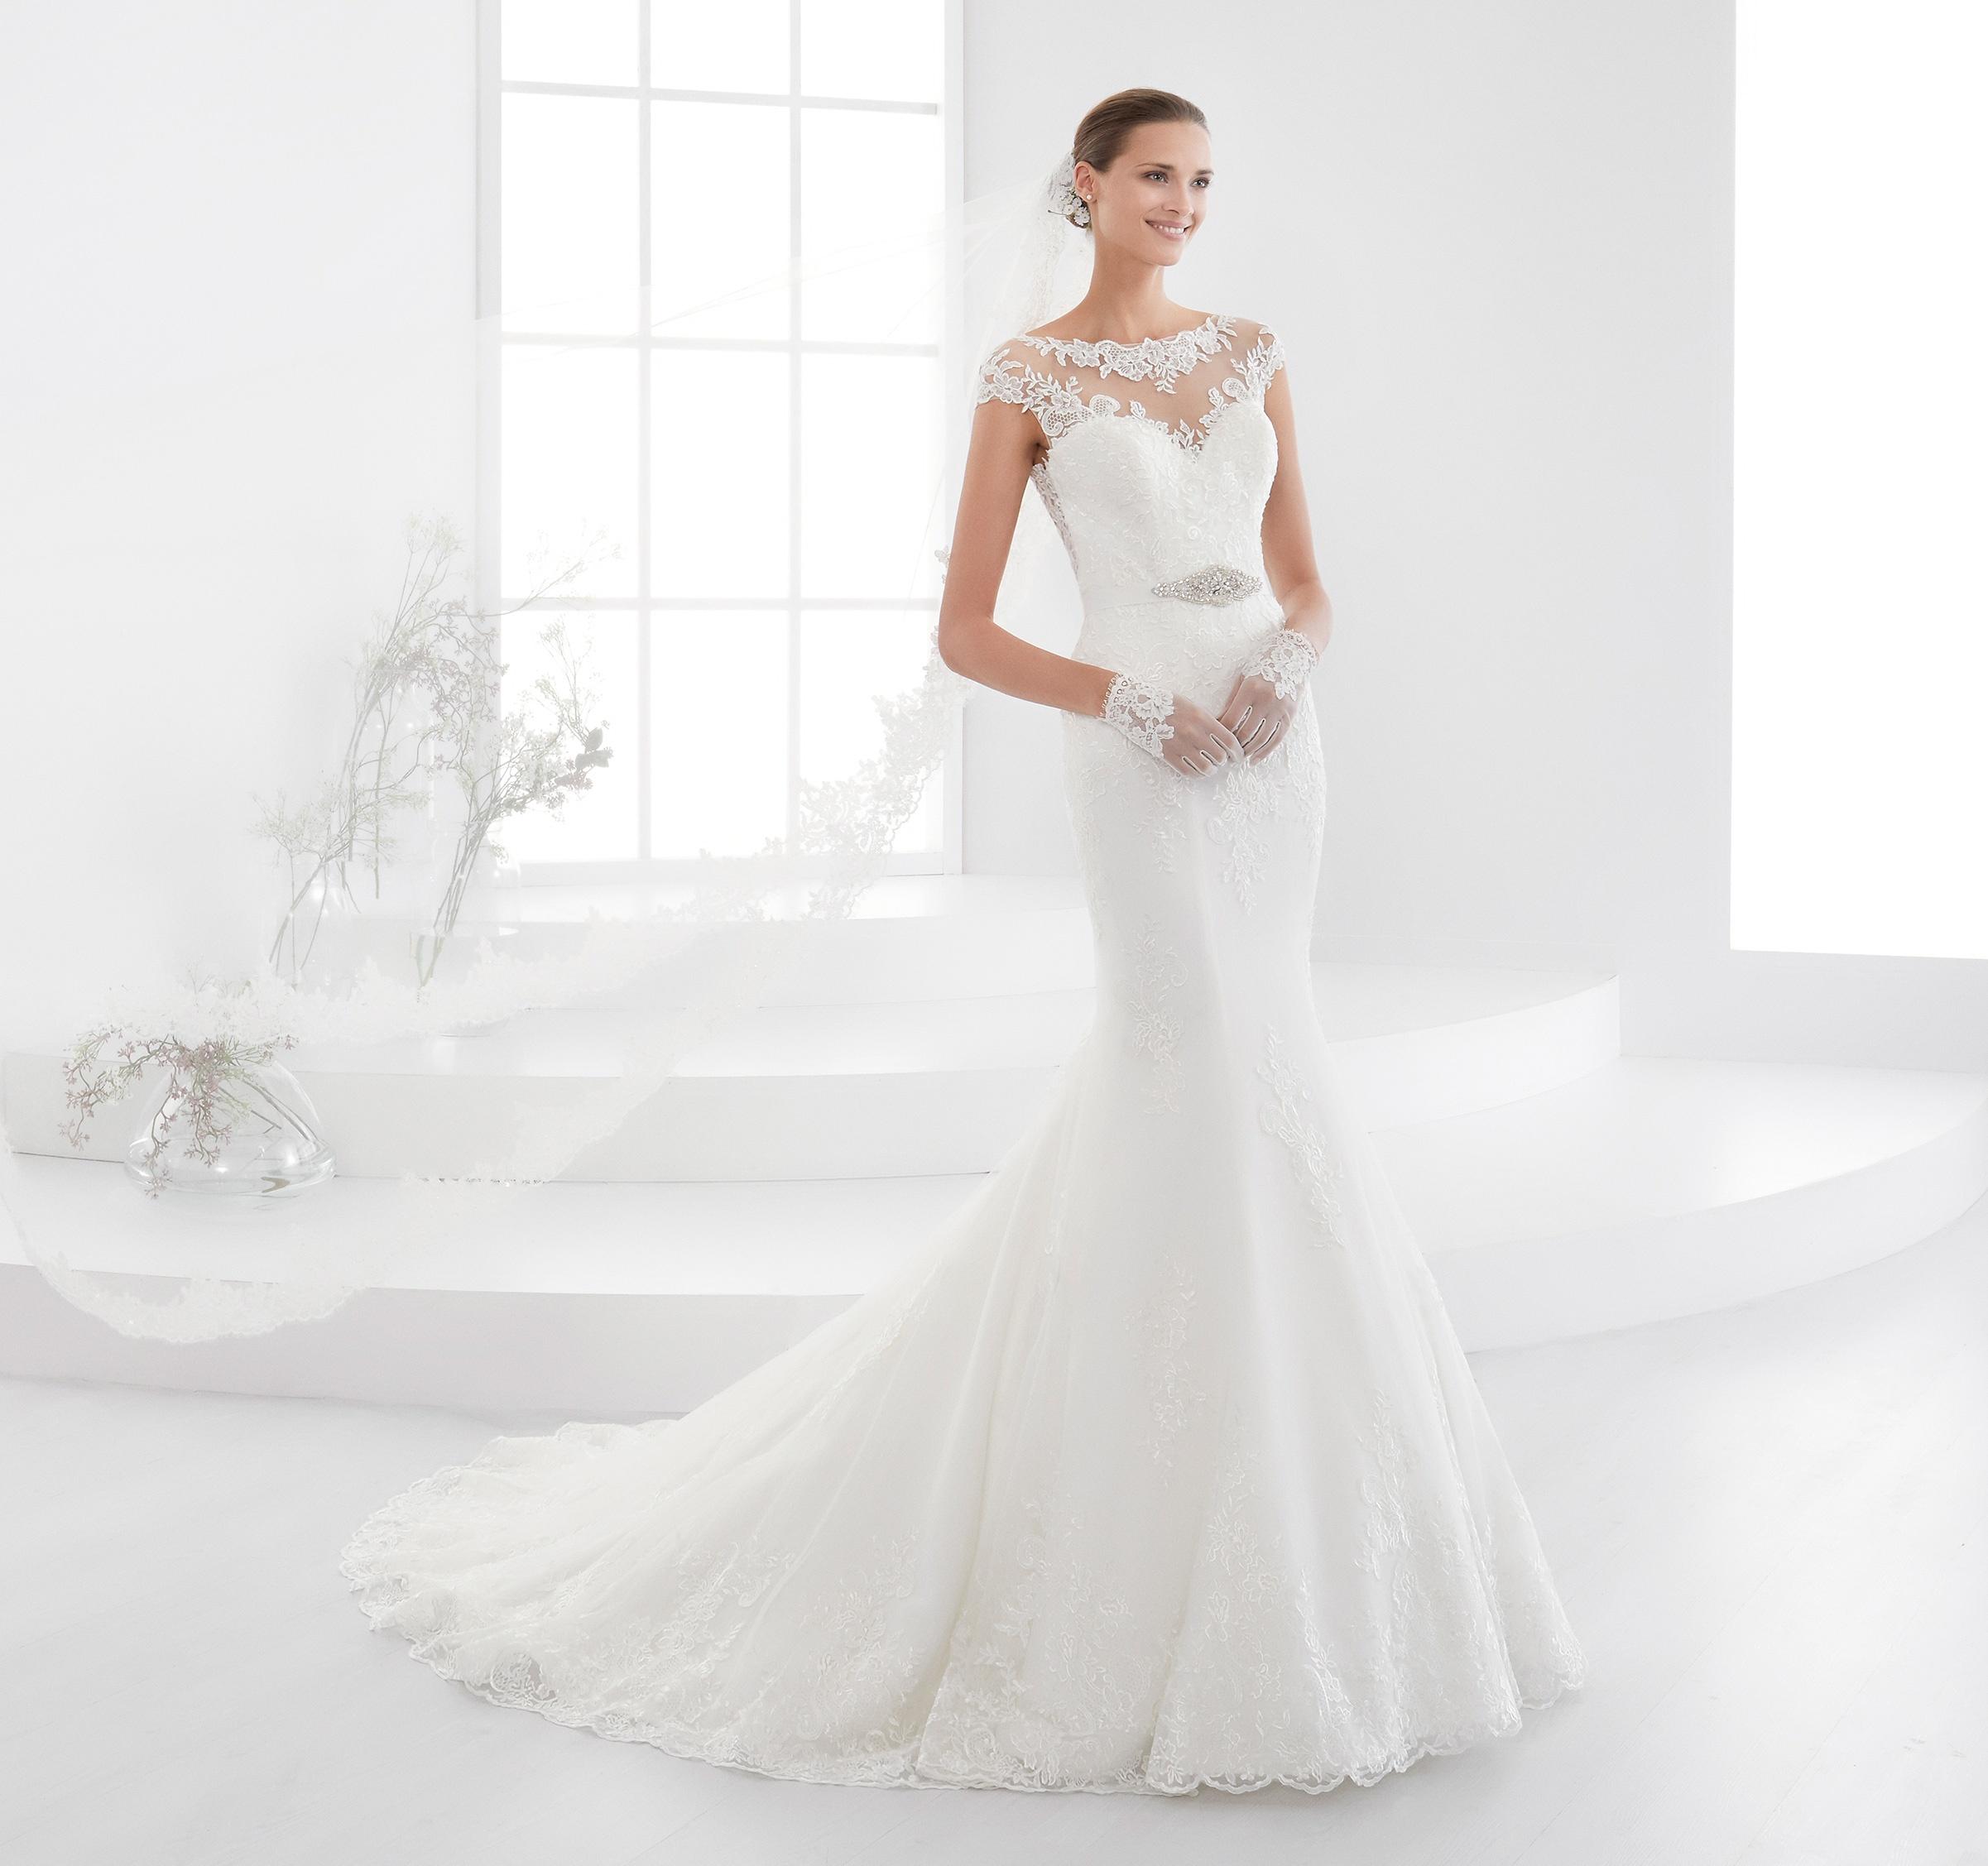 Abiti da sposa Aurora 2018  la nuova collezione  16b0971bd3e